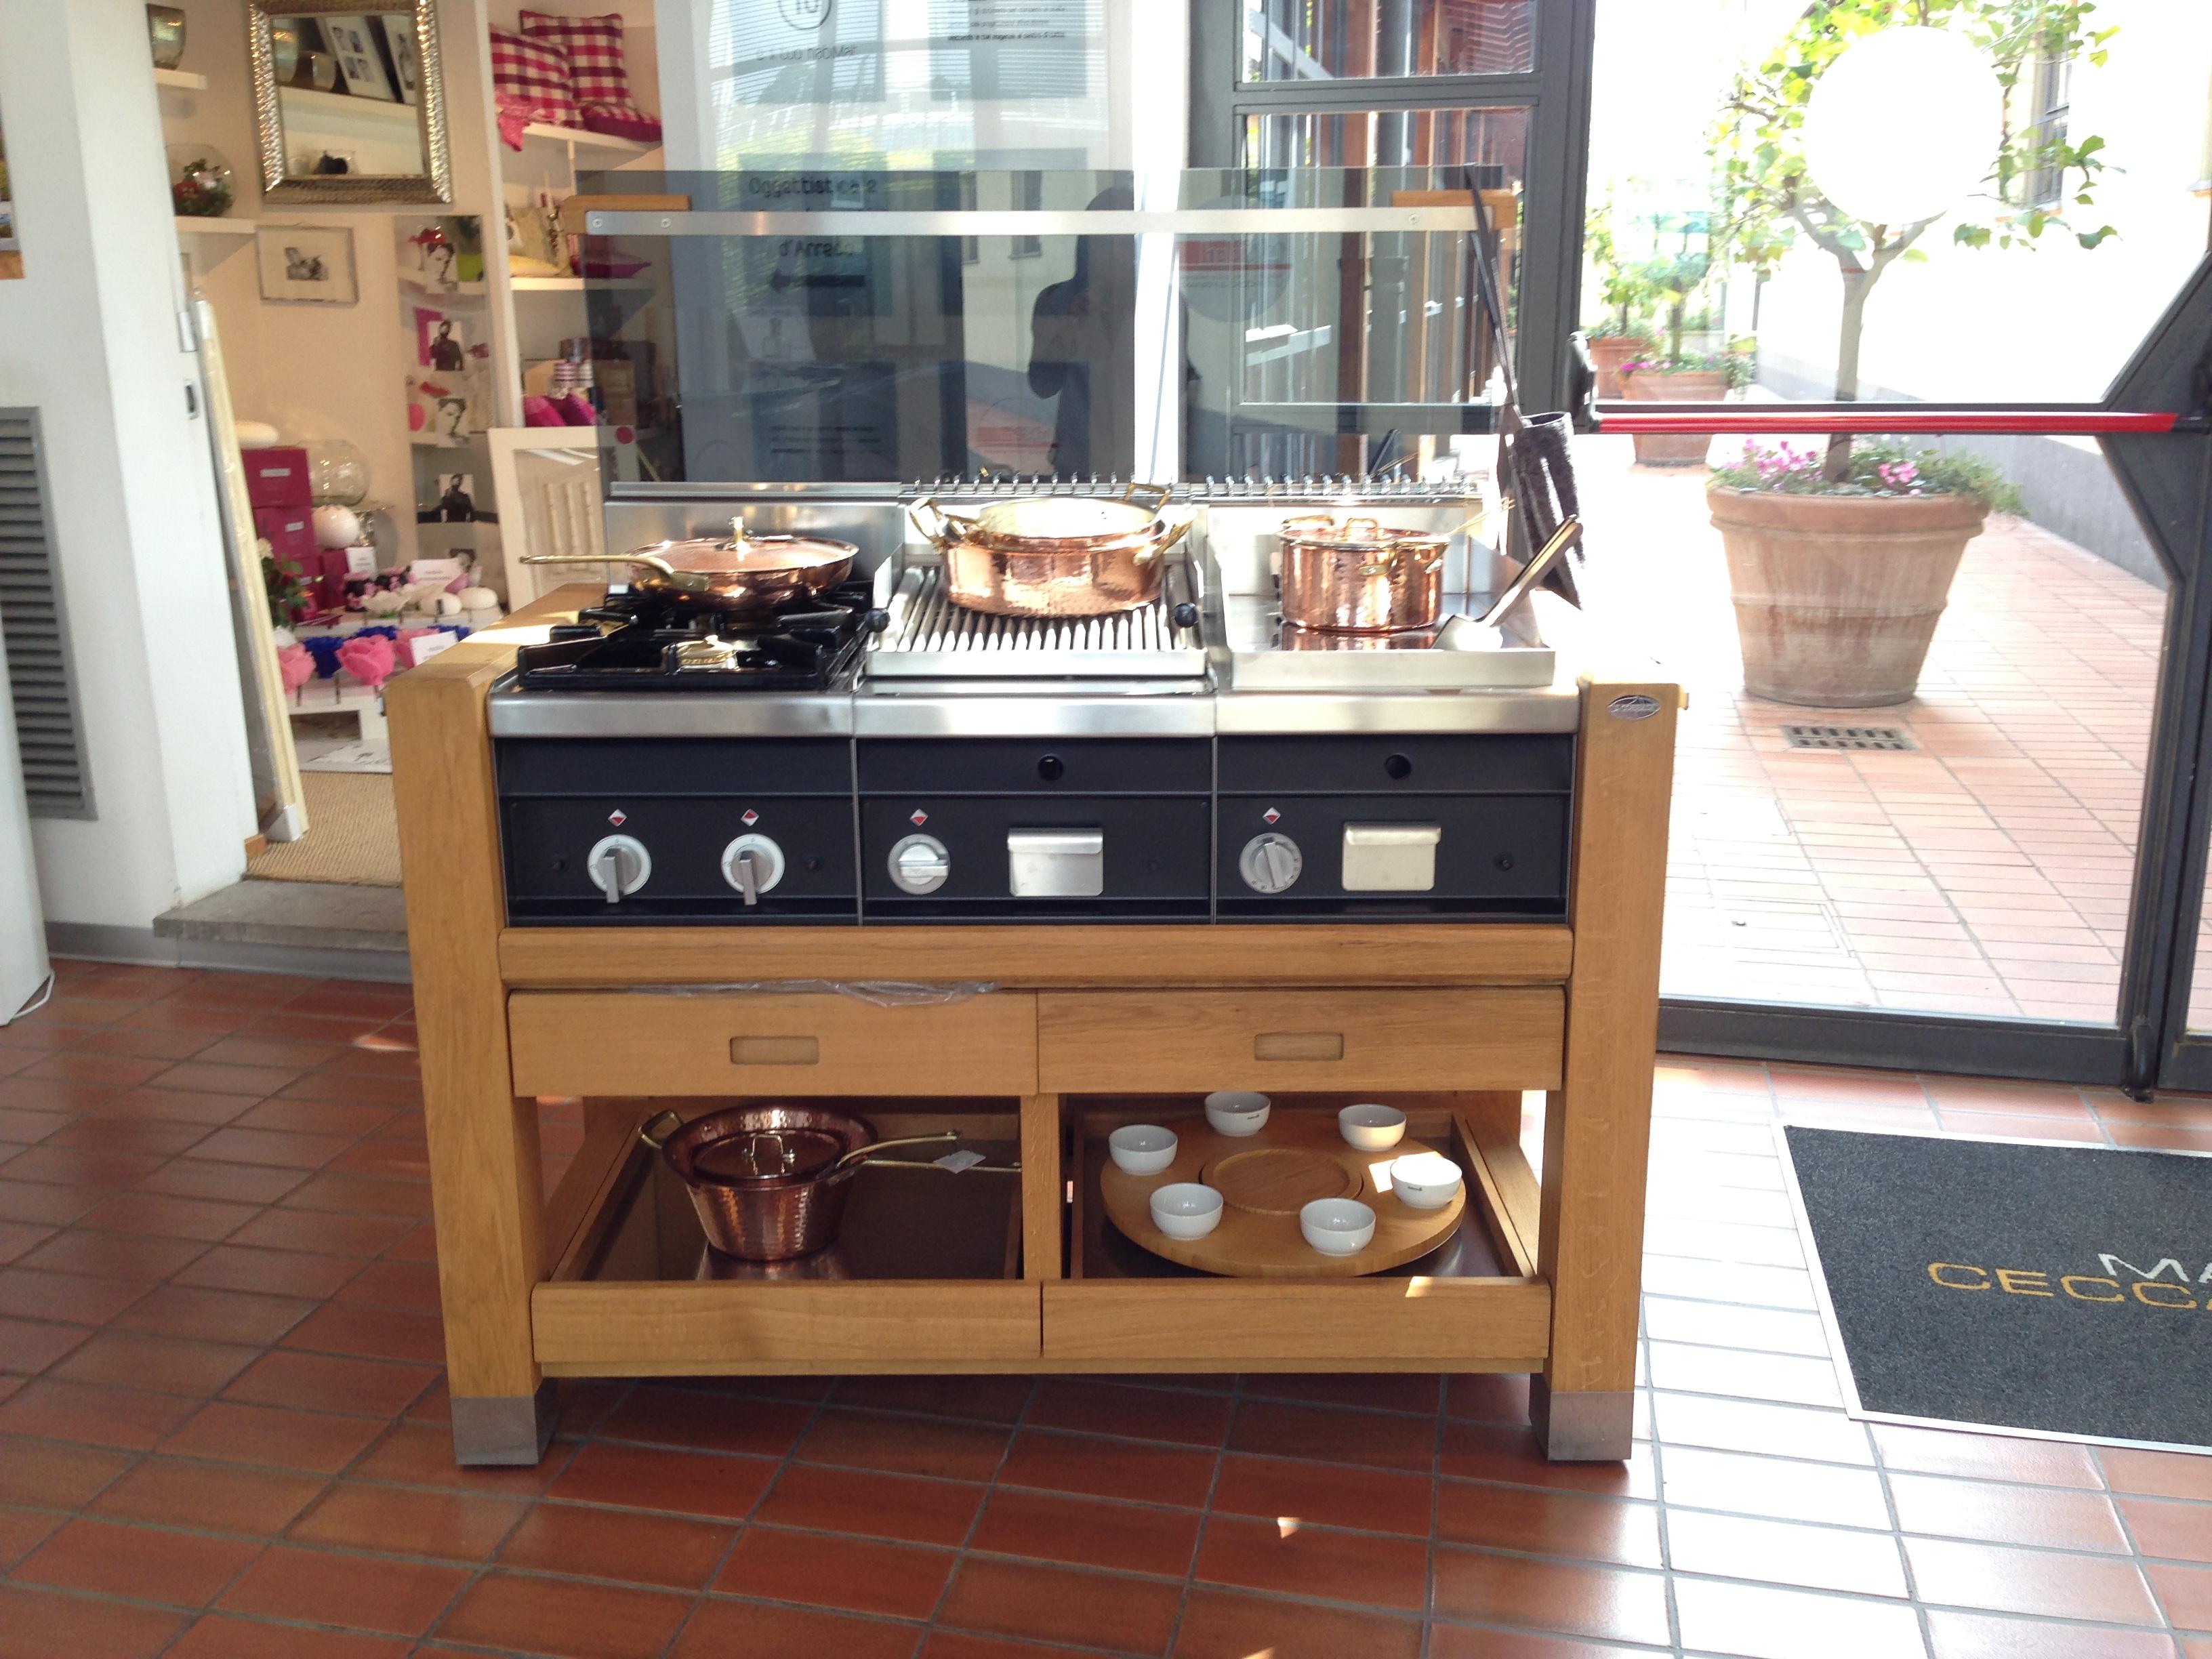 Barbecue corradi da esterno promo cucine a prezzi scontati - Barbecue esterno ...